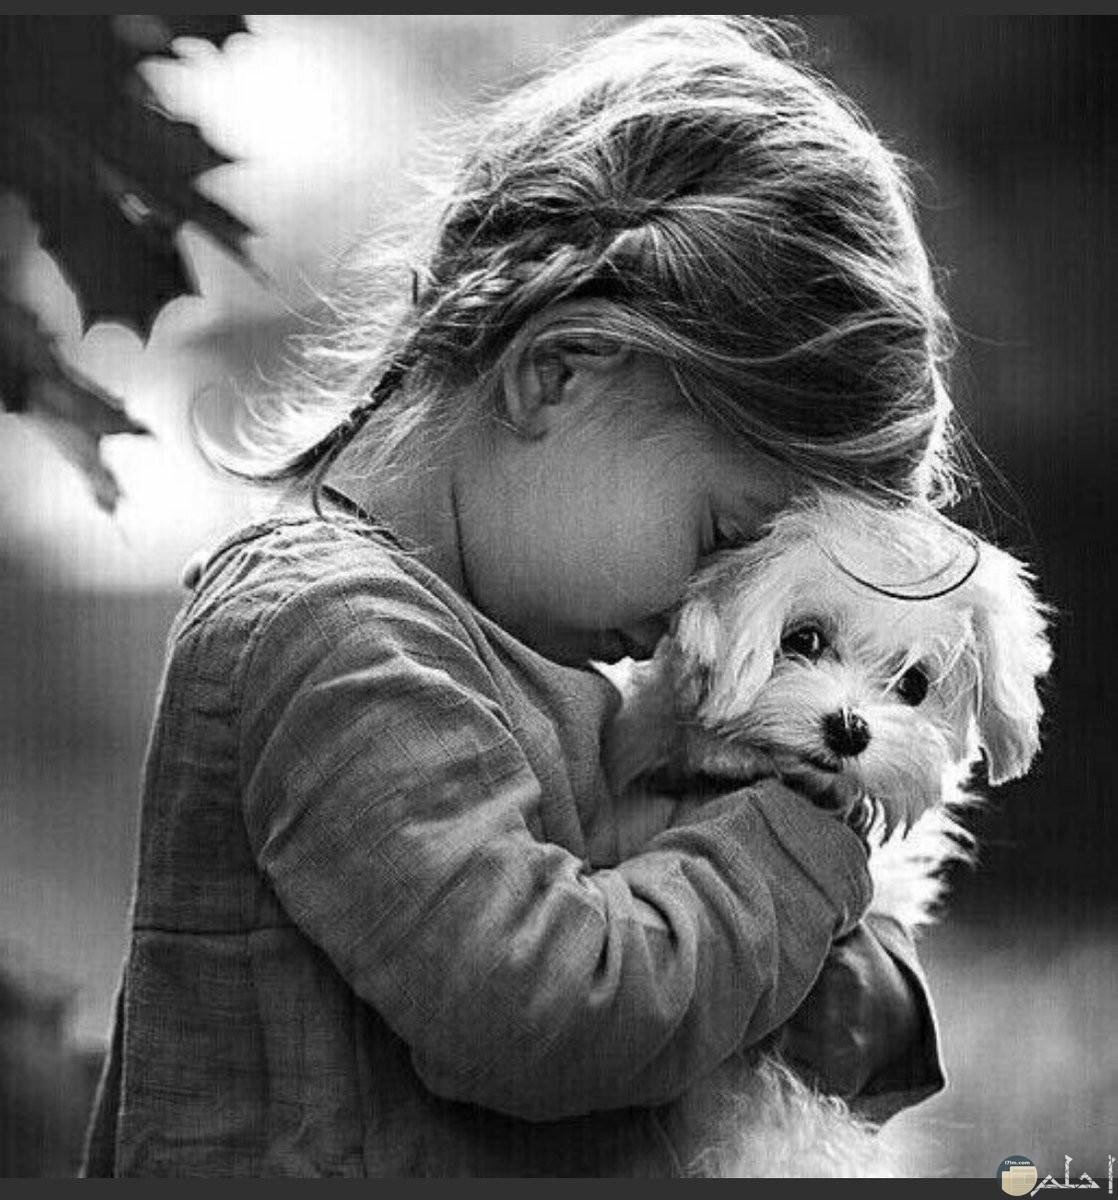 فتاه صغير تحضن كلب صغير وهي حزينة